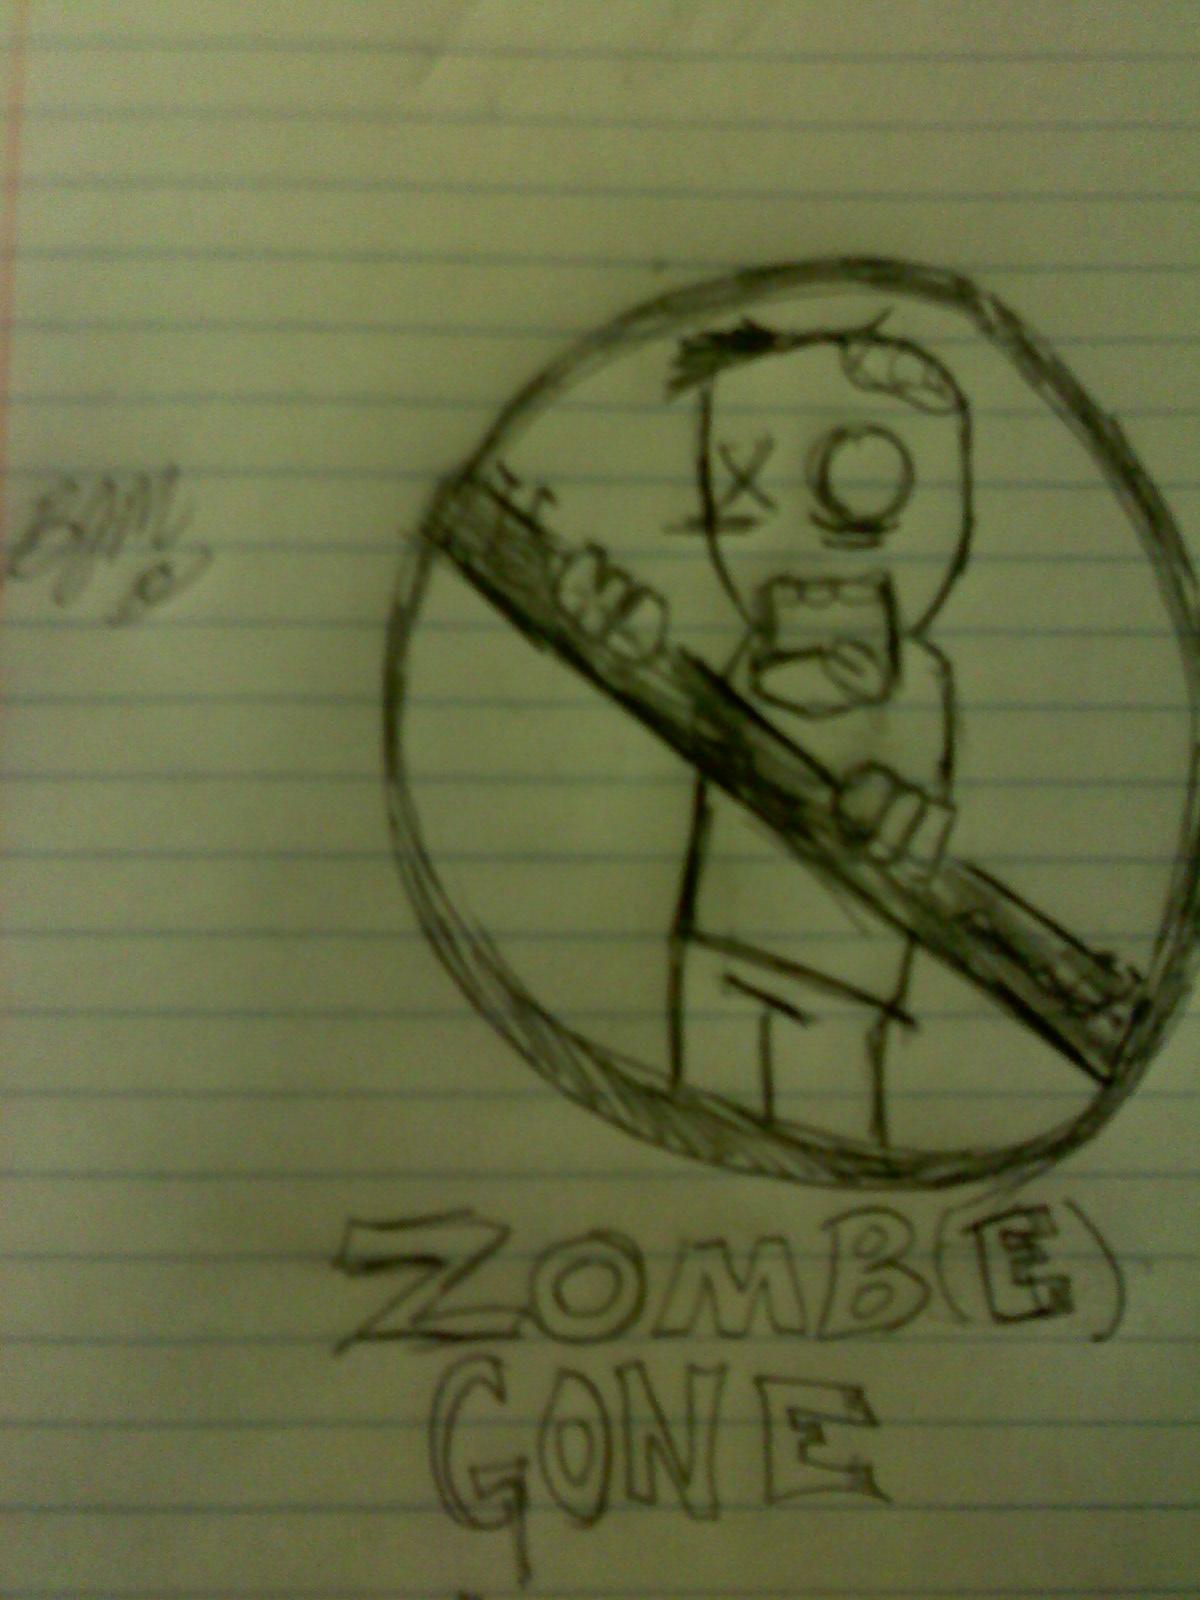 Zombie T-Shirt Design(concept)